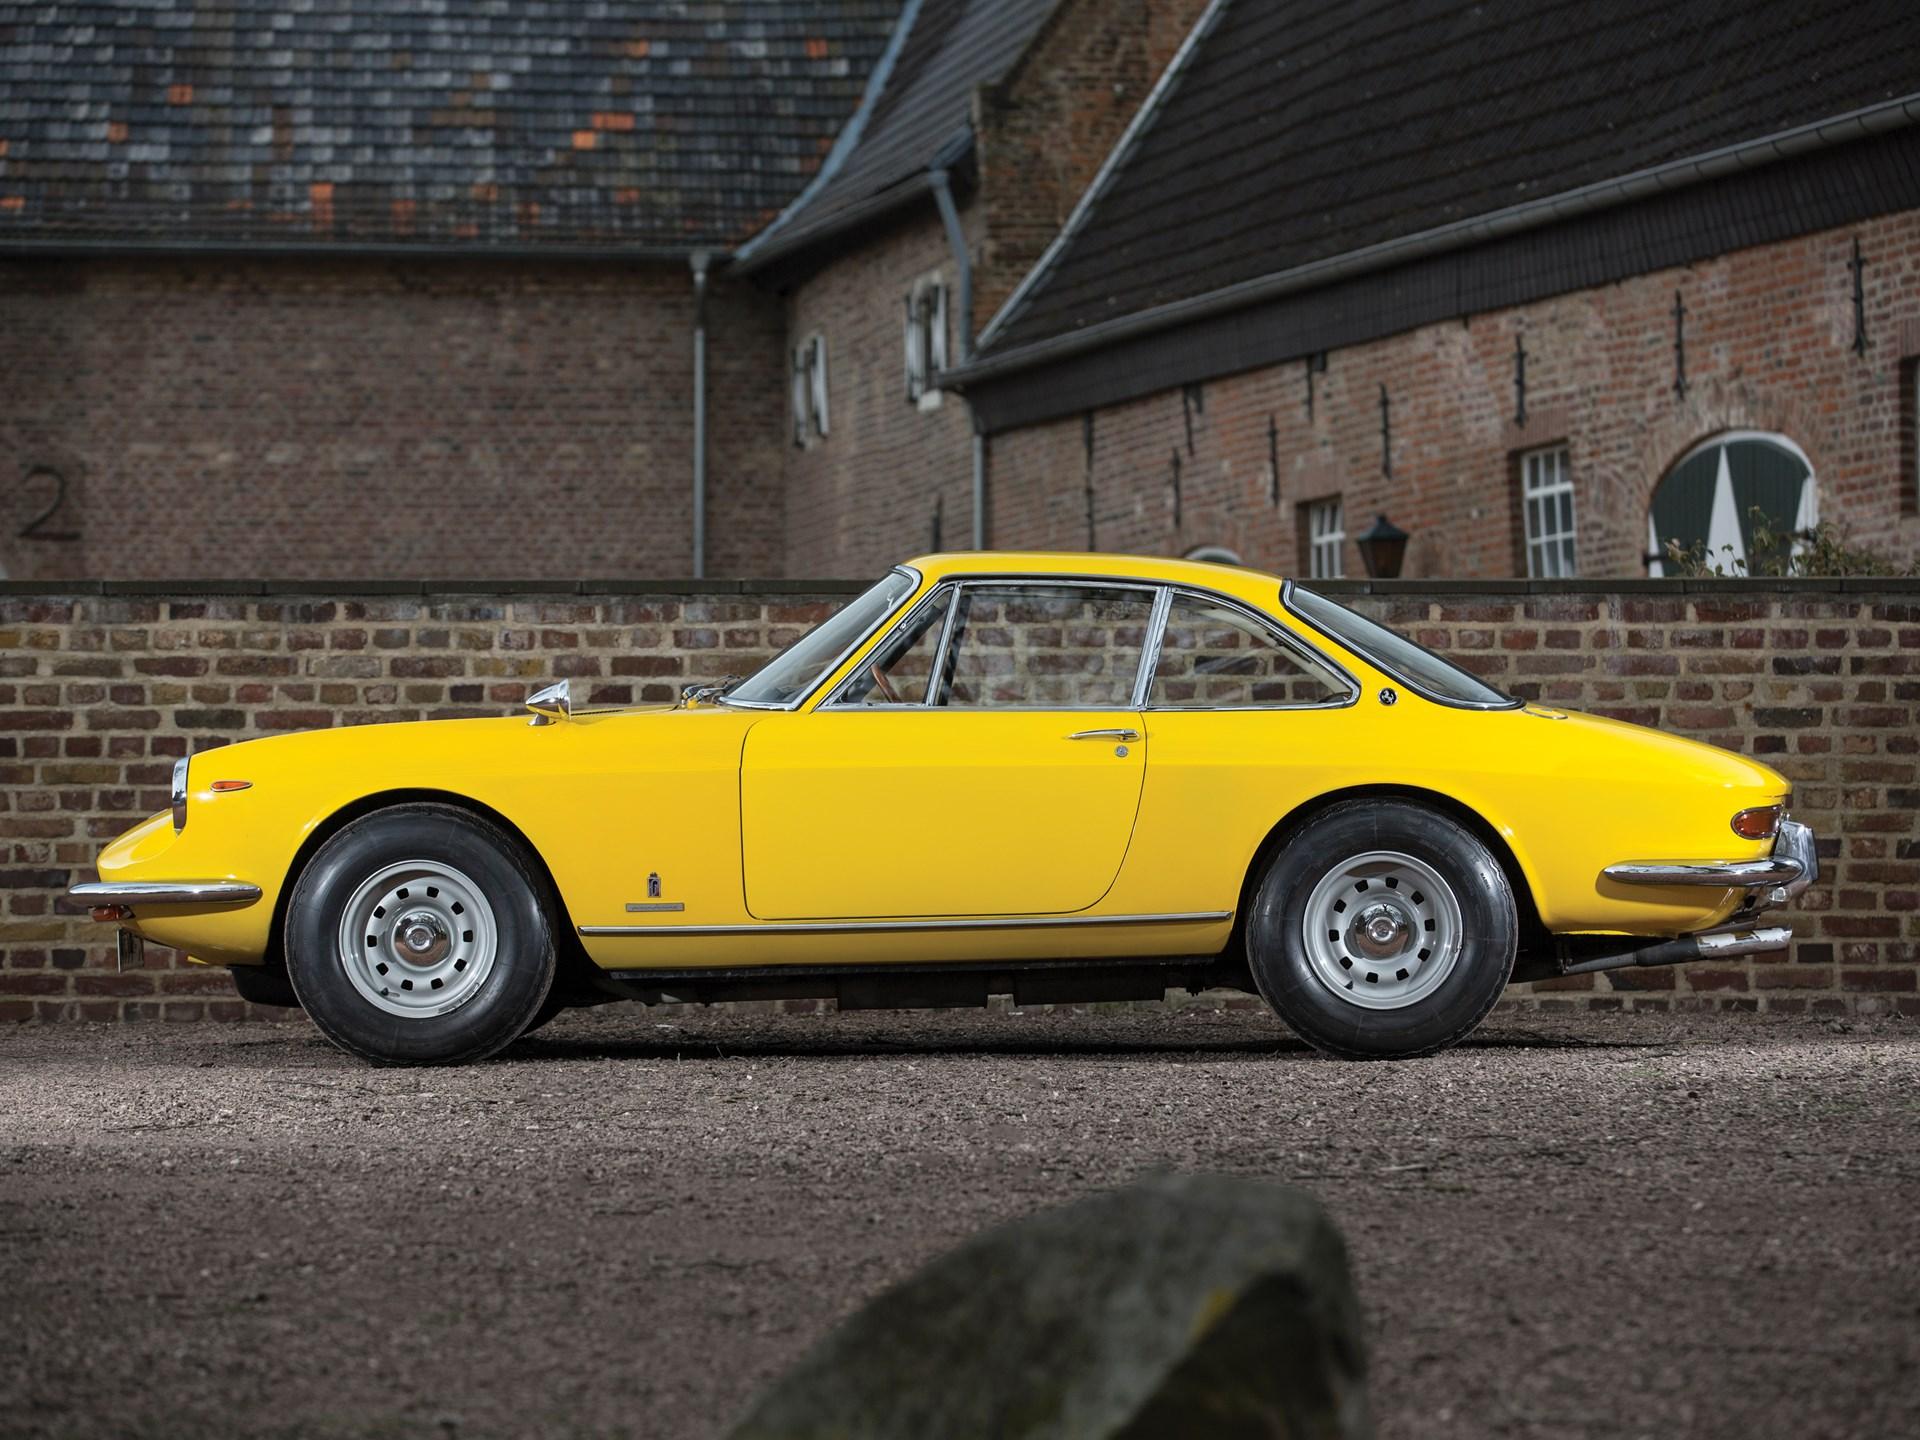 1969 Ferrari 365 GTC by Pininfarina